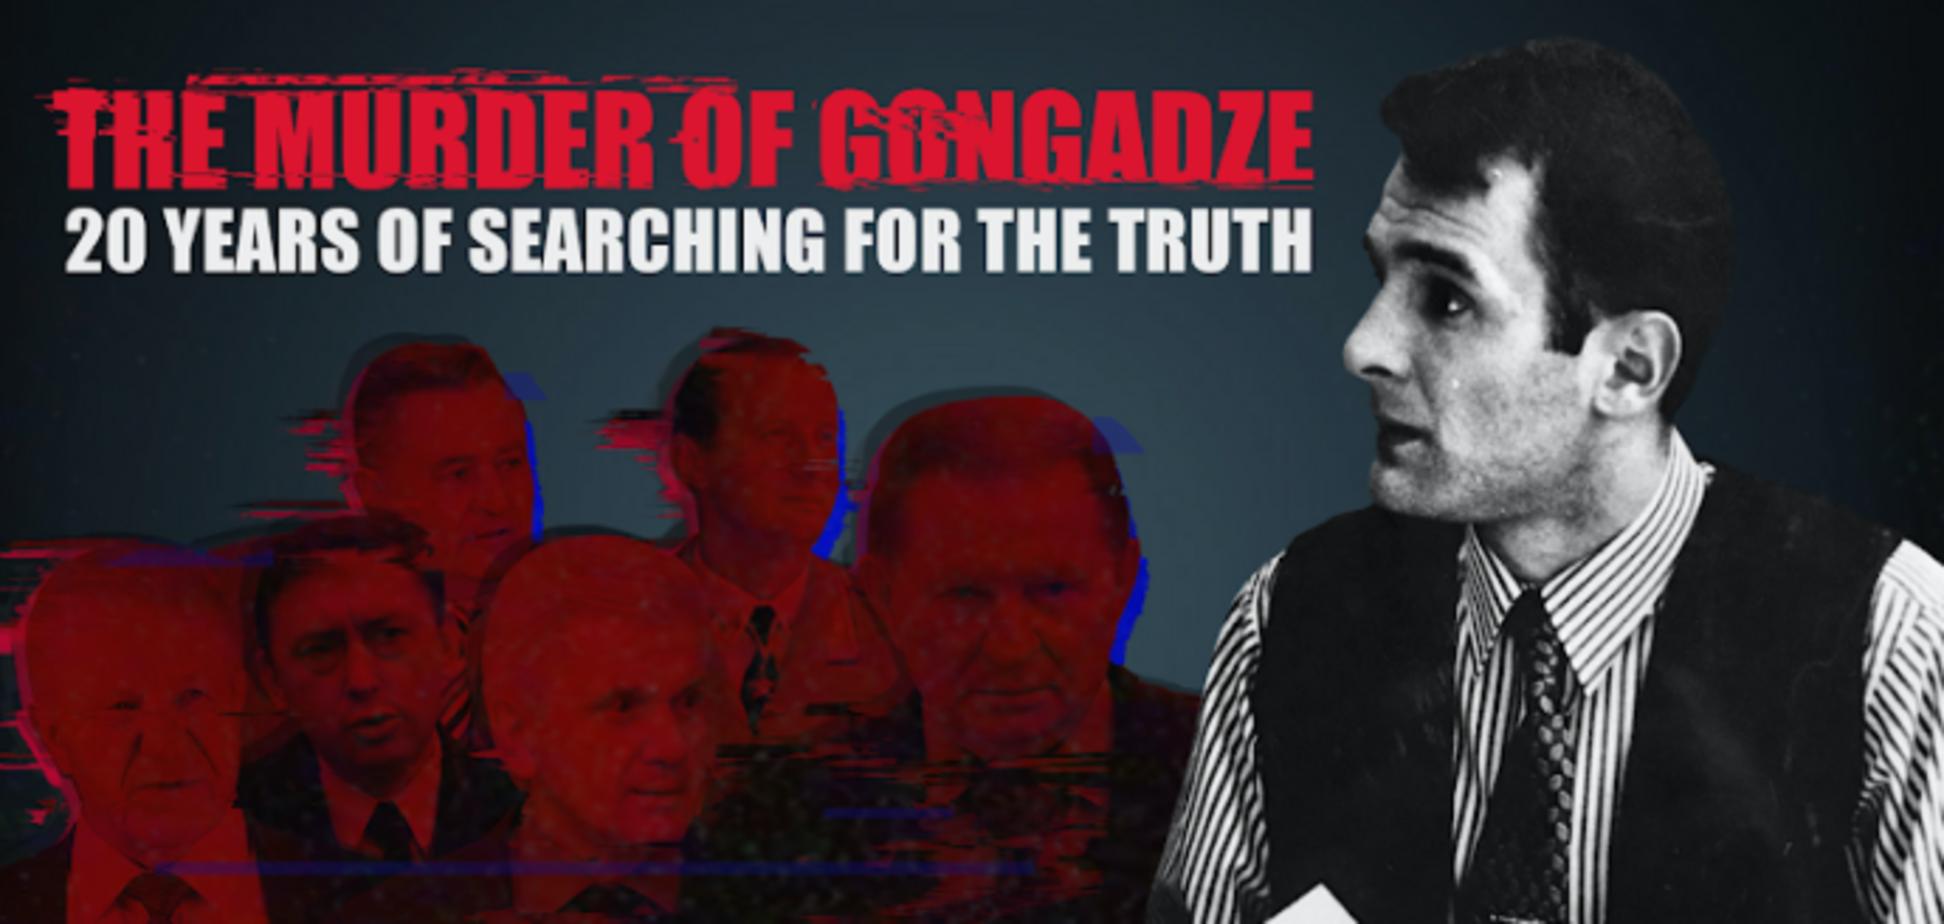 Вийшла англомовна версія документального фільму про вбивство Гонгадзе